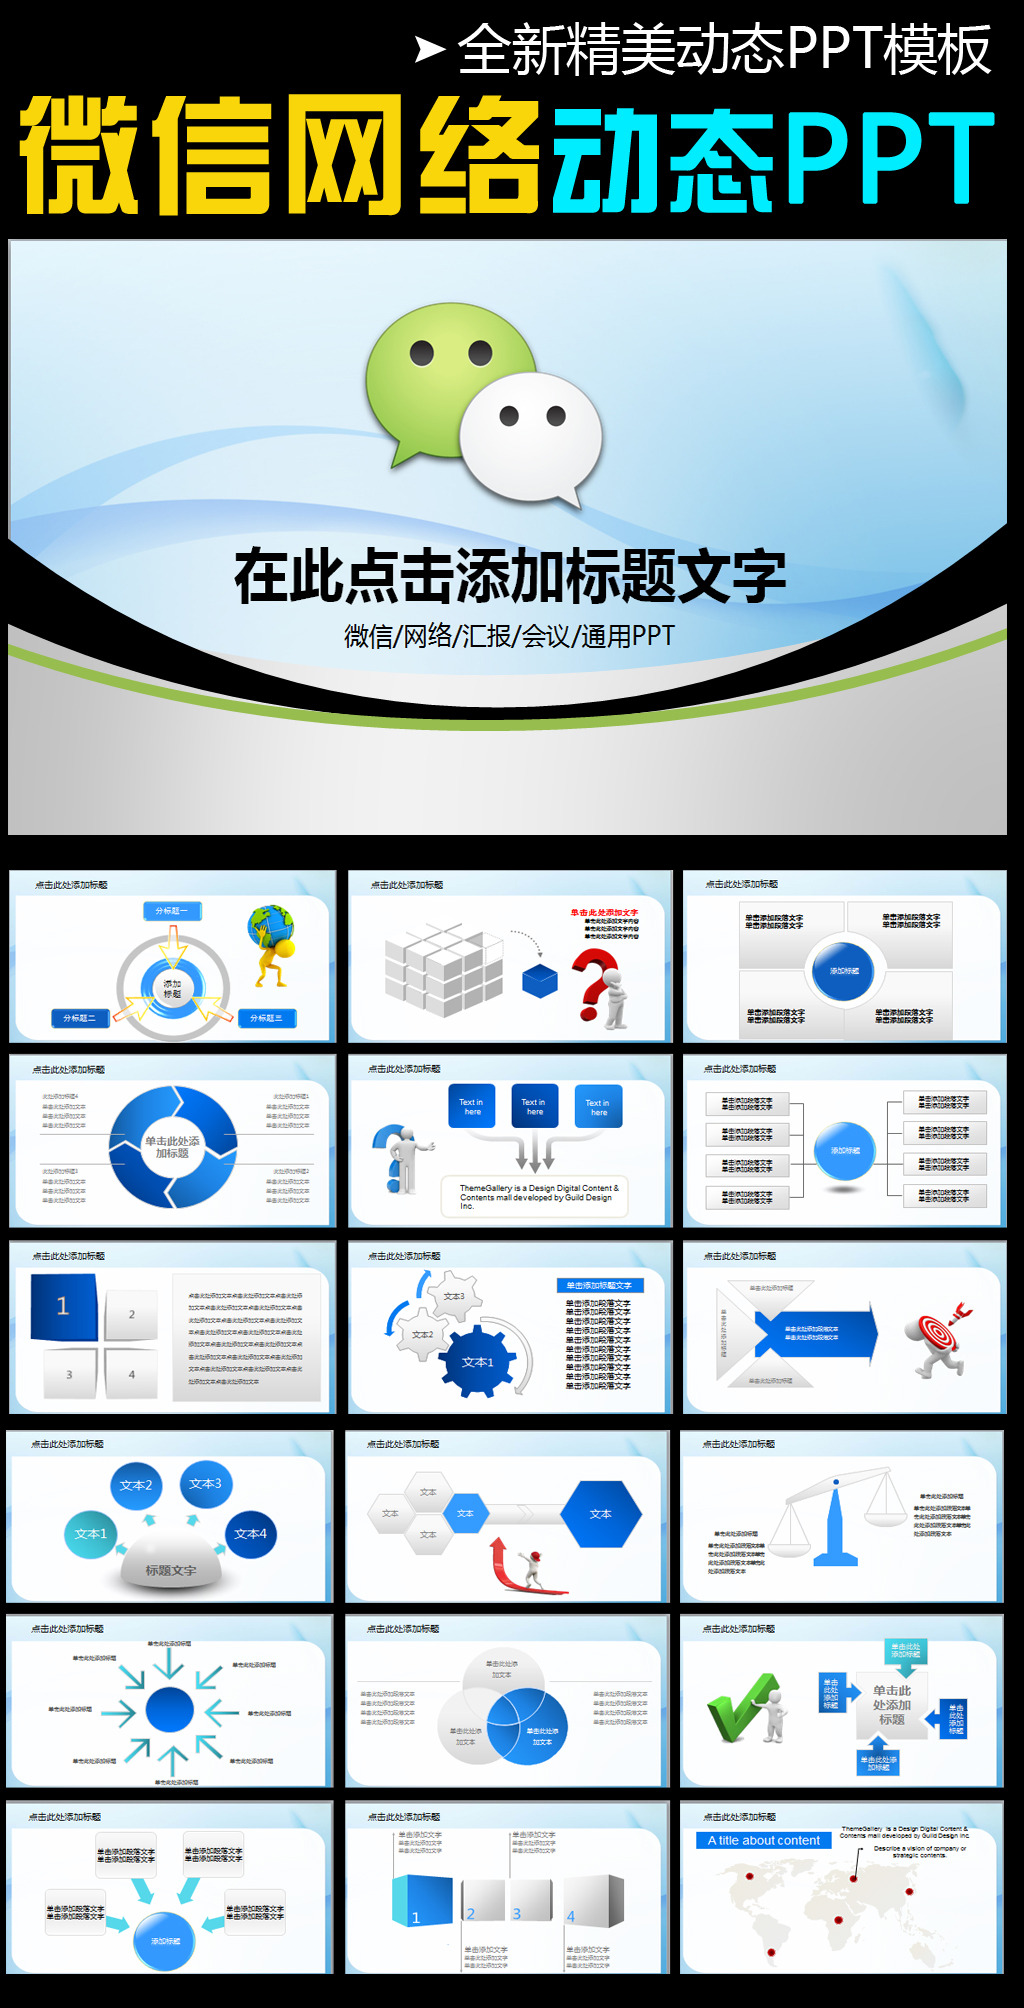 微信营销方案公众平台培训课件ppt模板